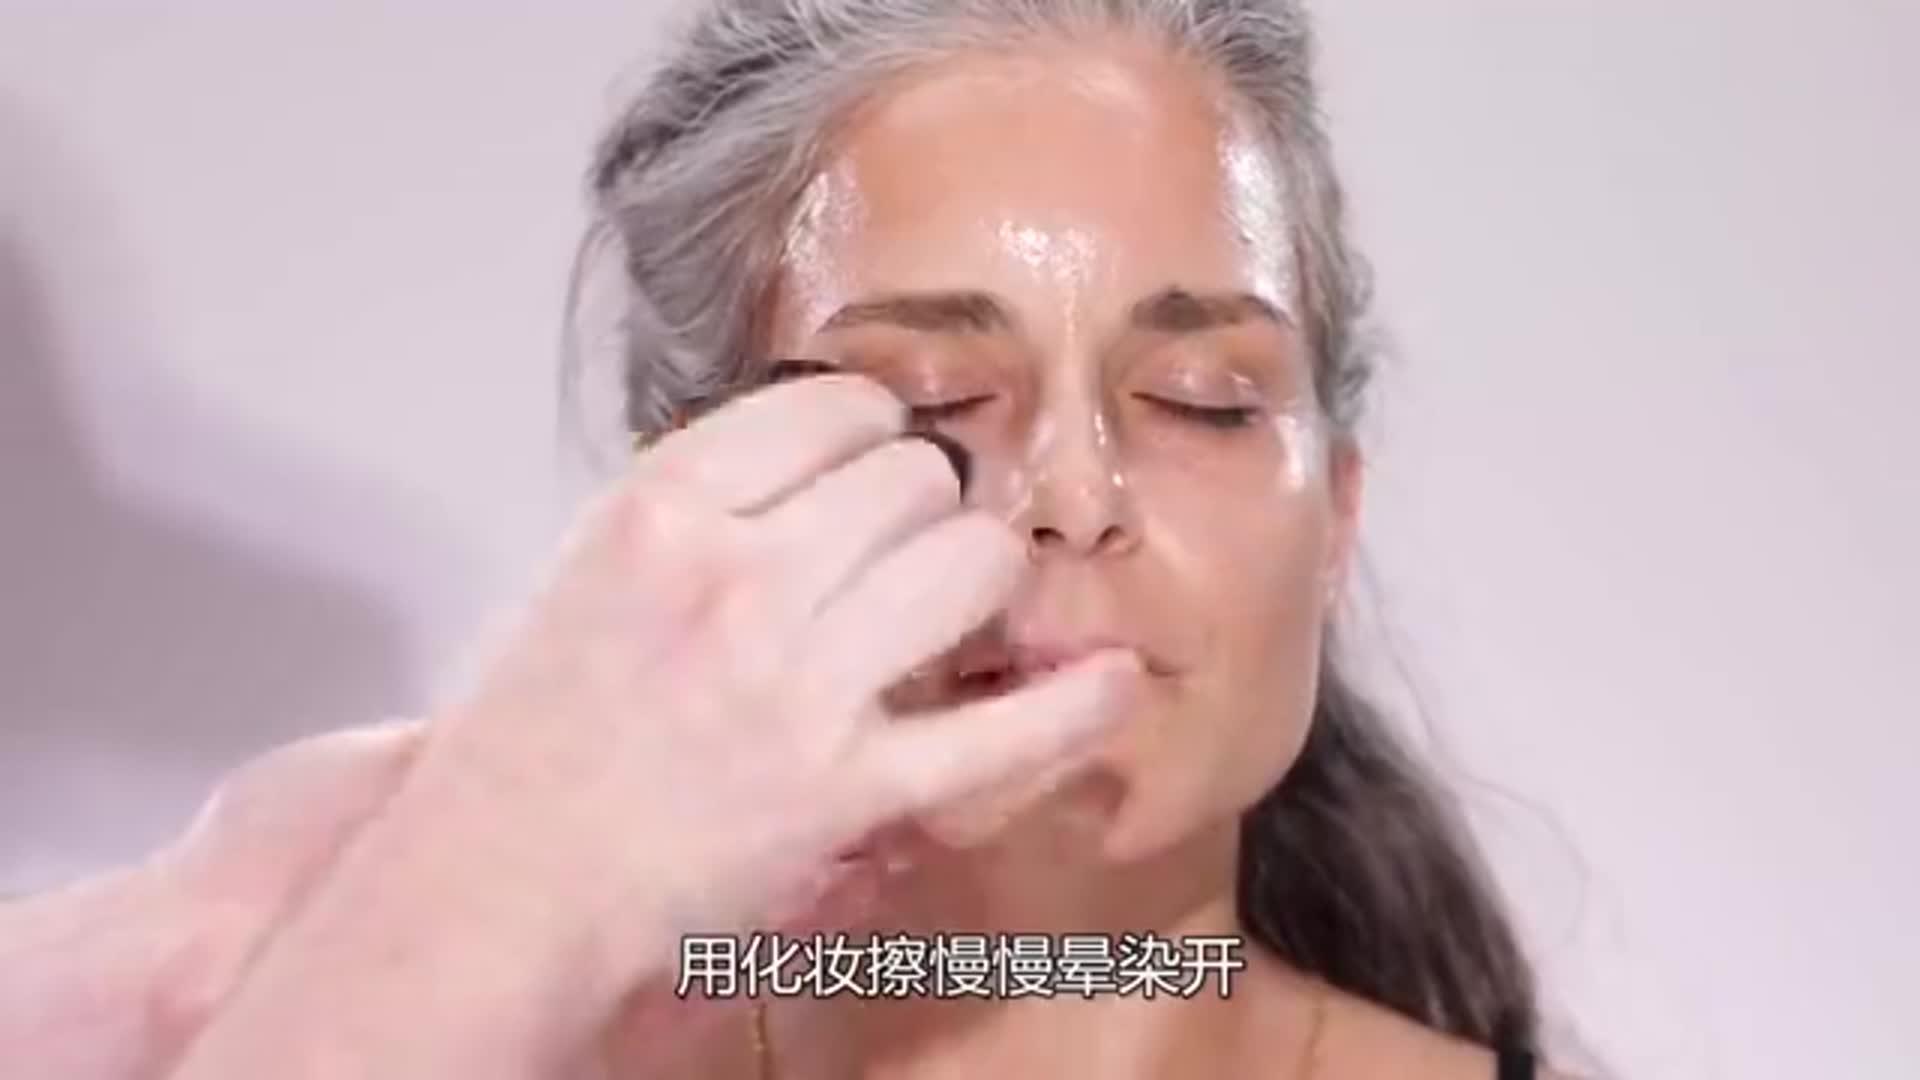 化妆师改造中年女人,瞬间变成女神,年轻了20岁不止!